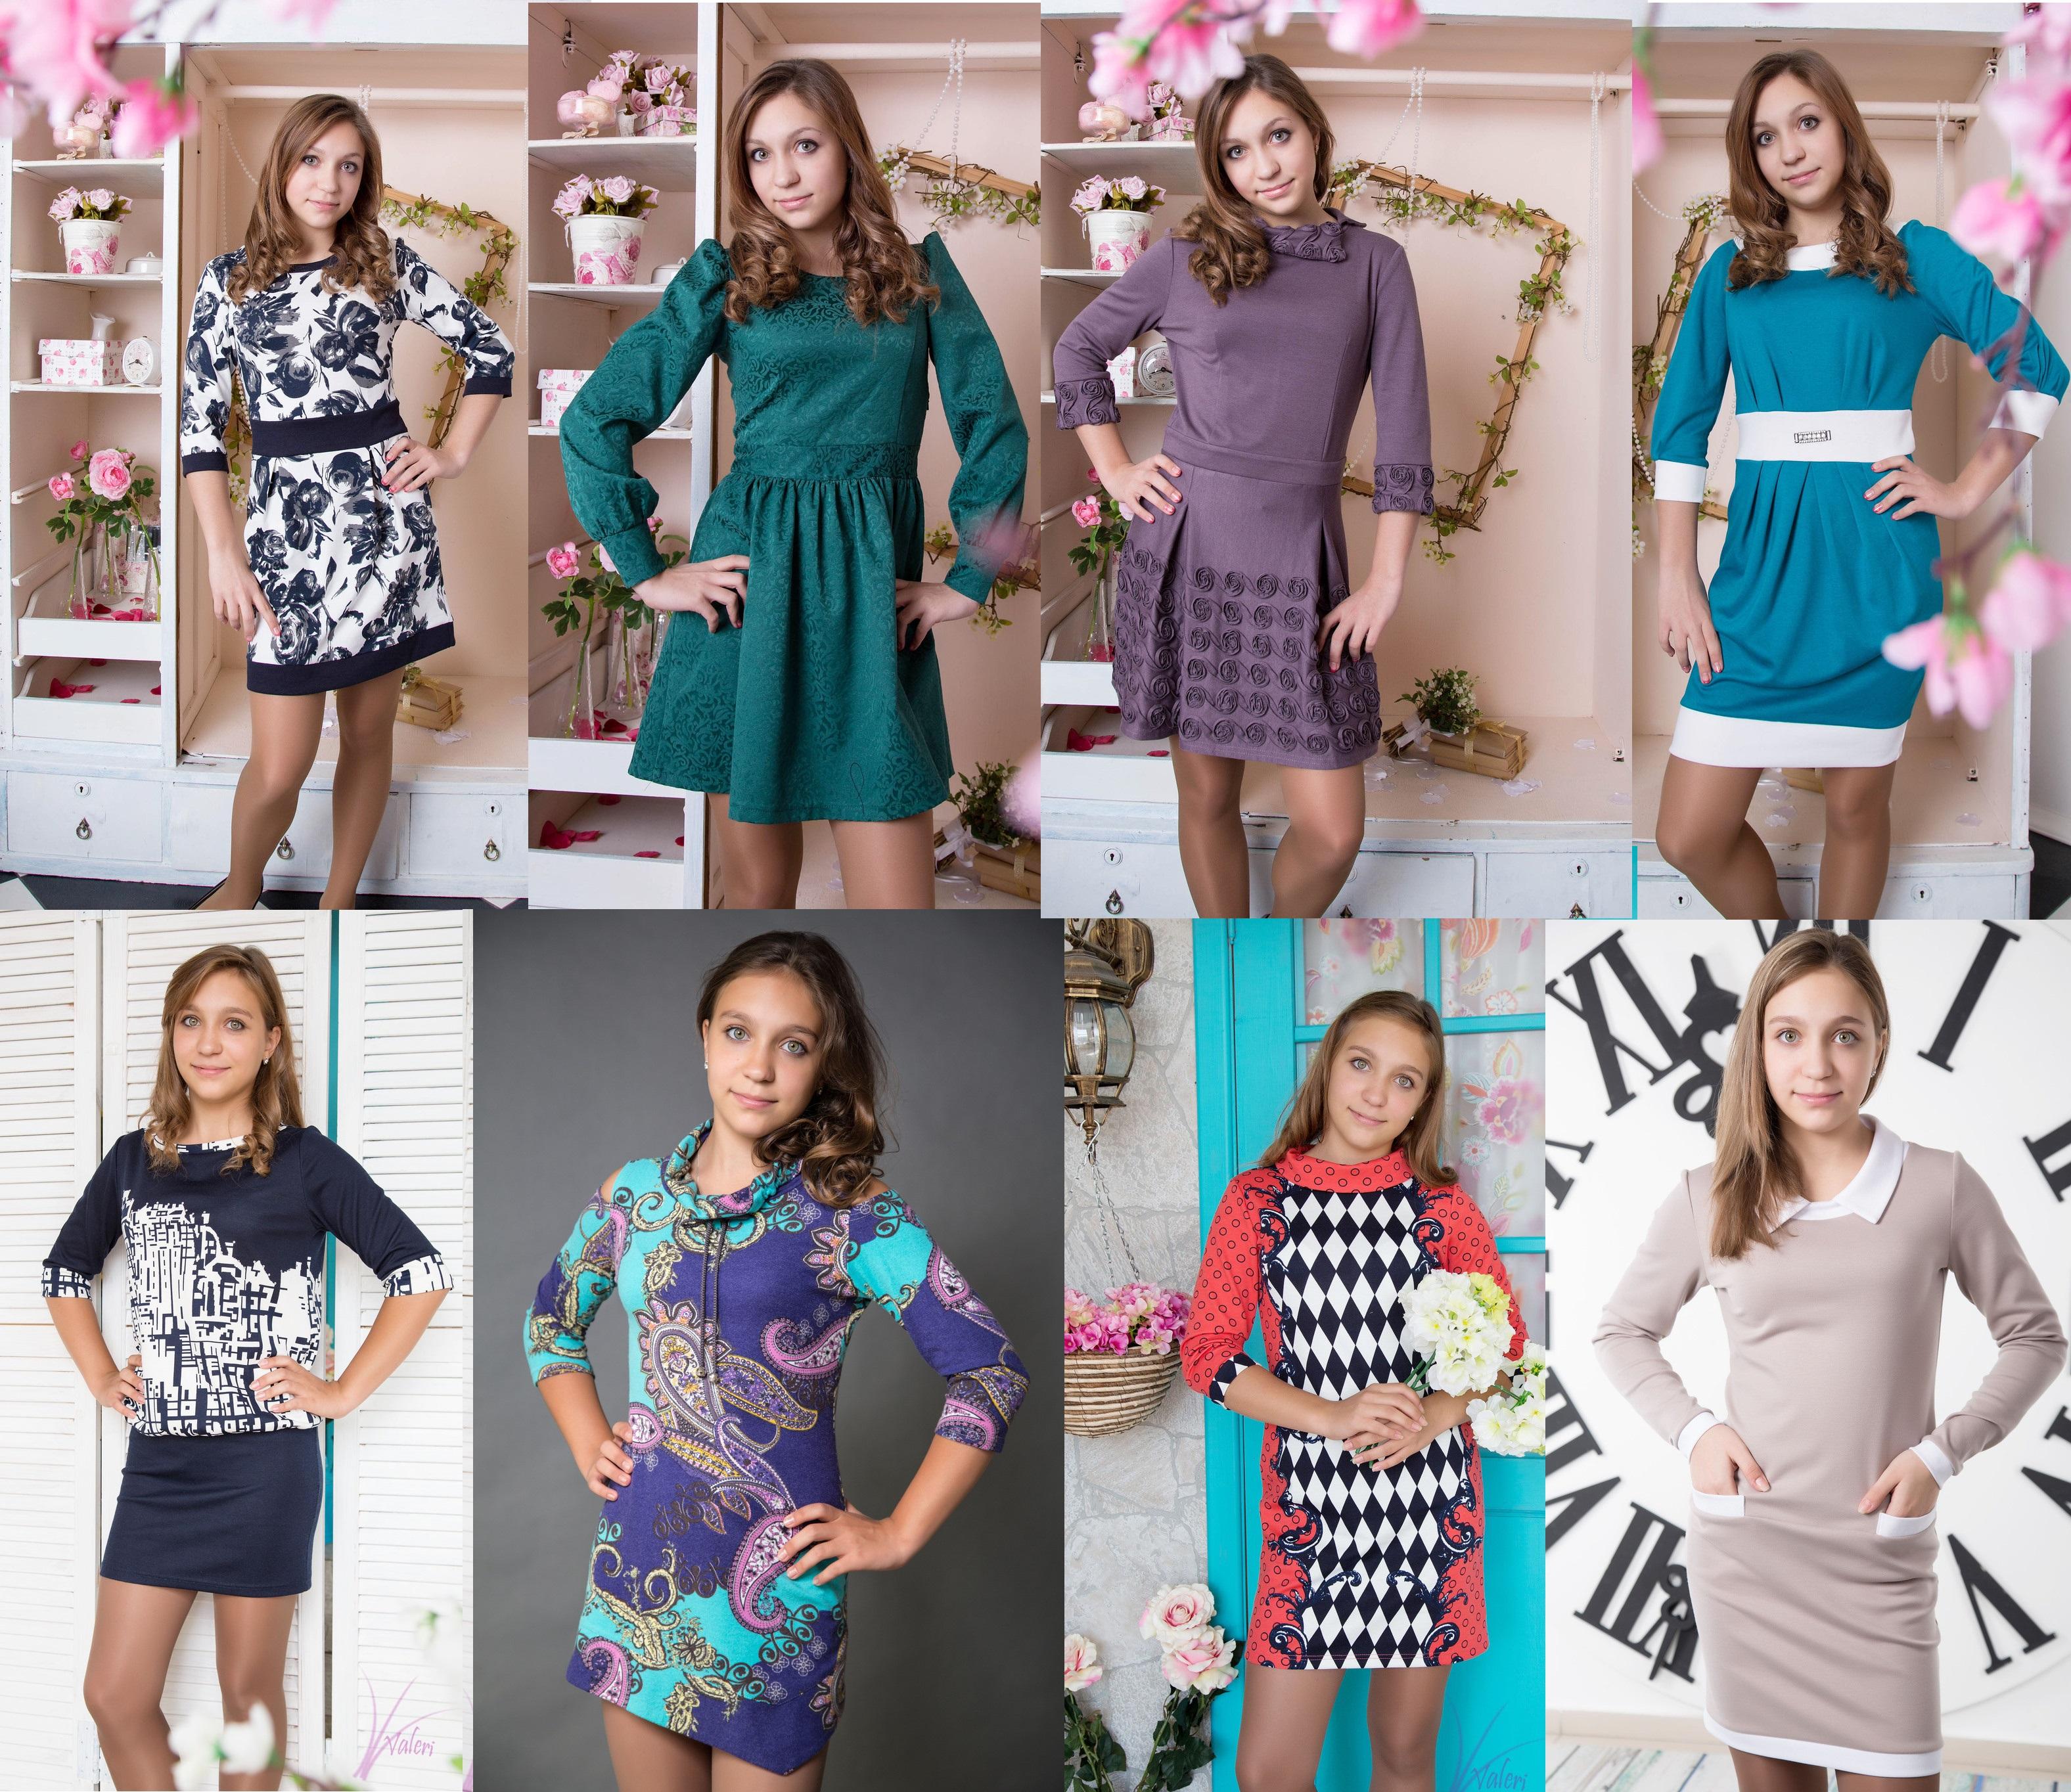 Для самых модных и стильных девочек-подростков 5! Нарядная коллекция. Школа. Размерный ряд 128-164. Без рядов!